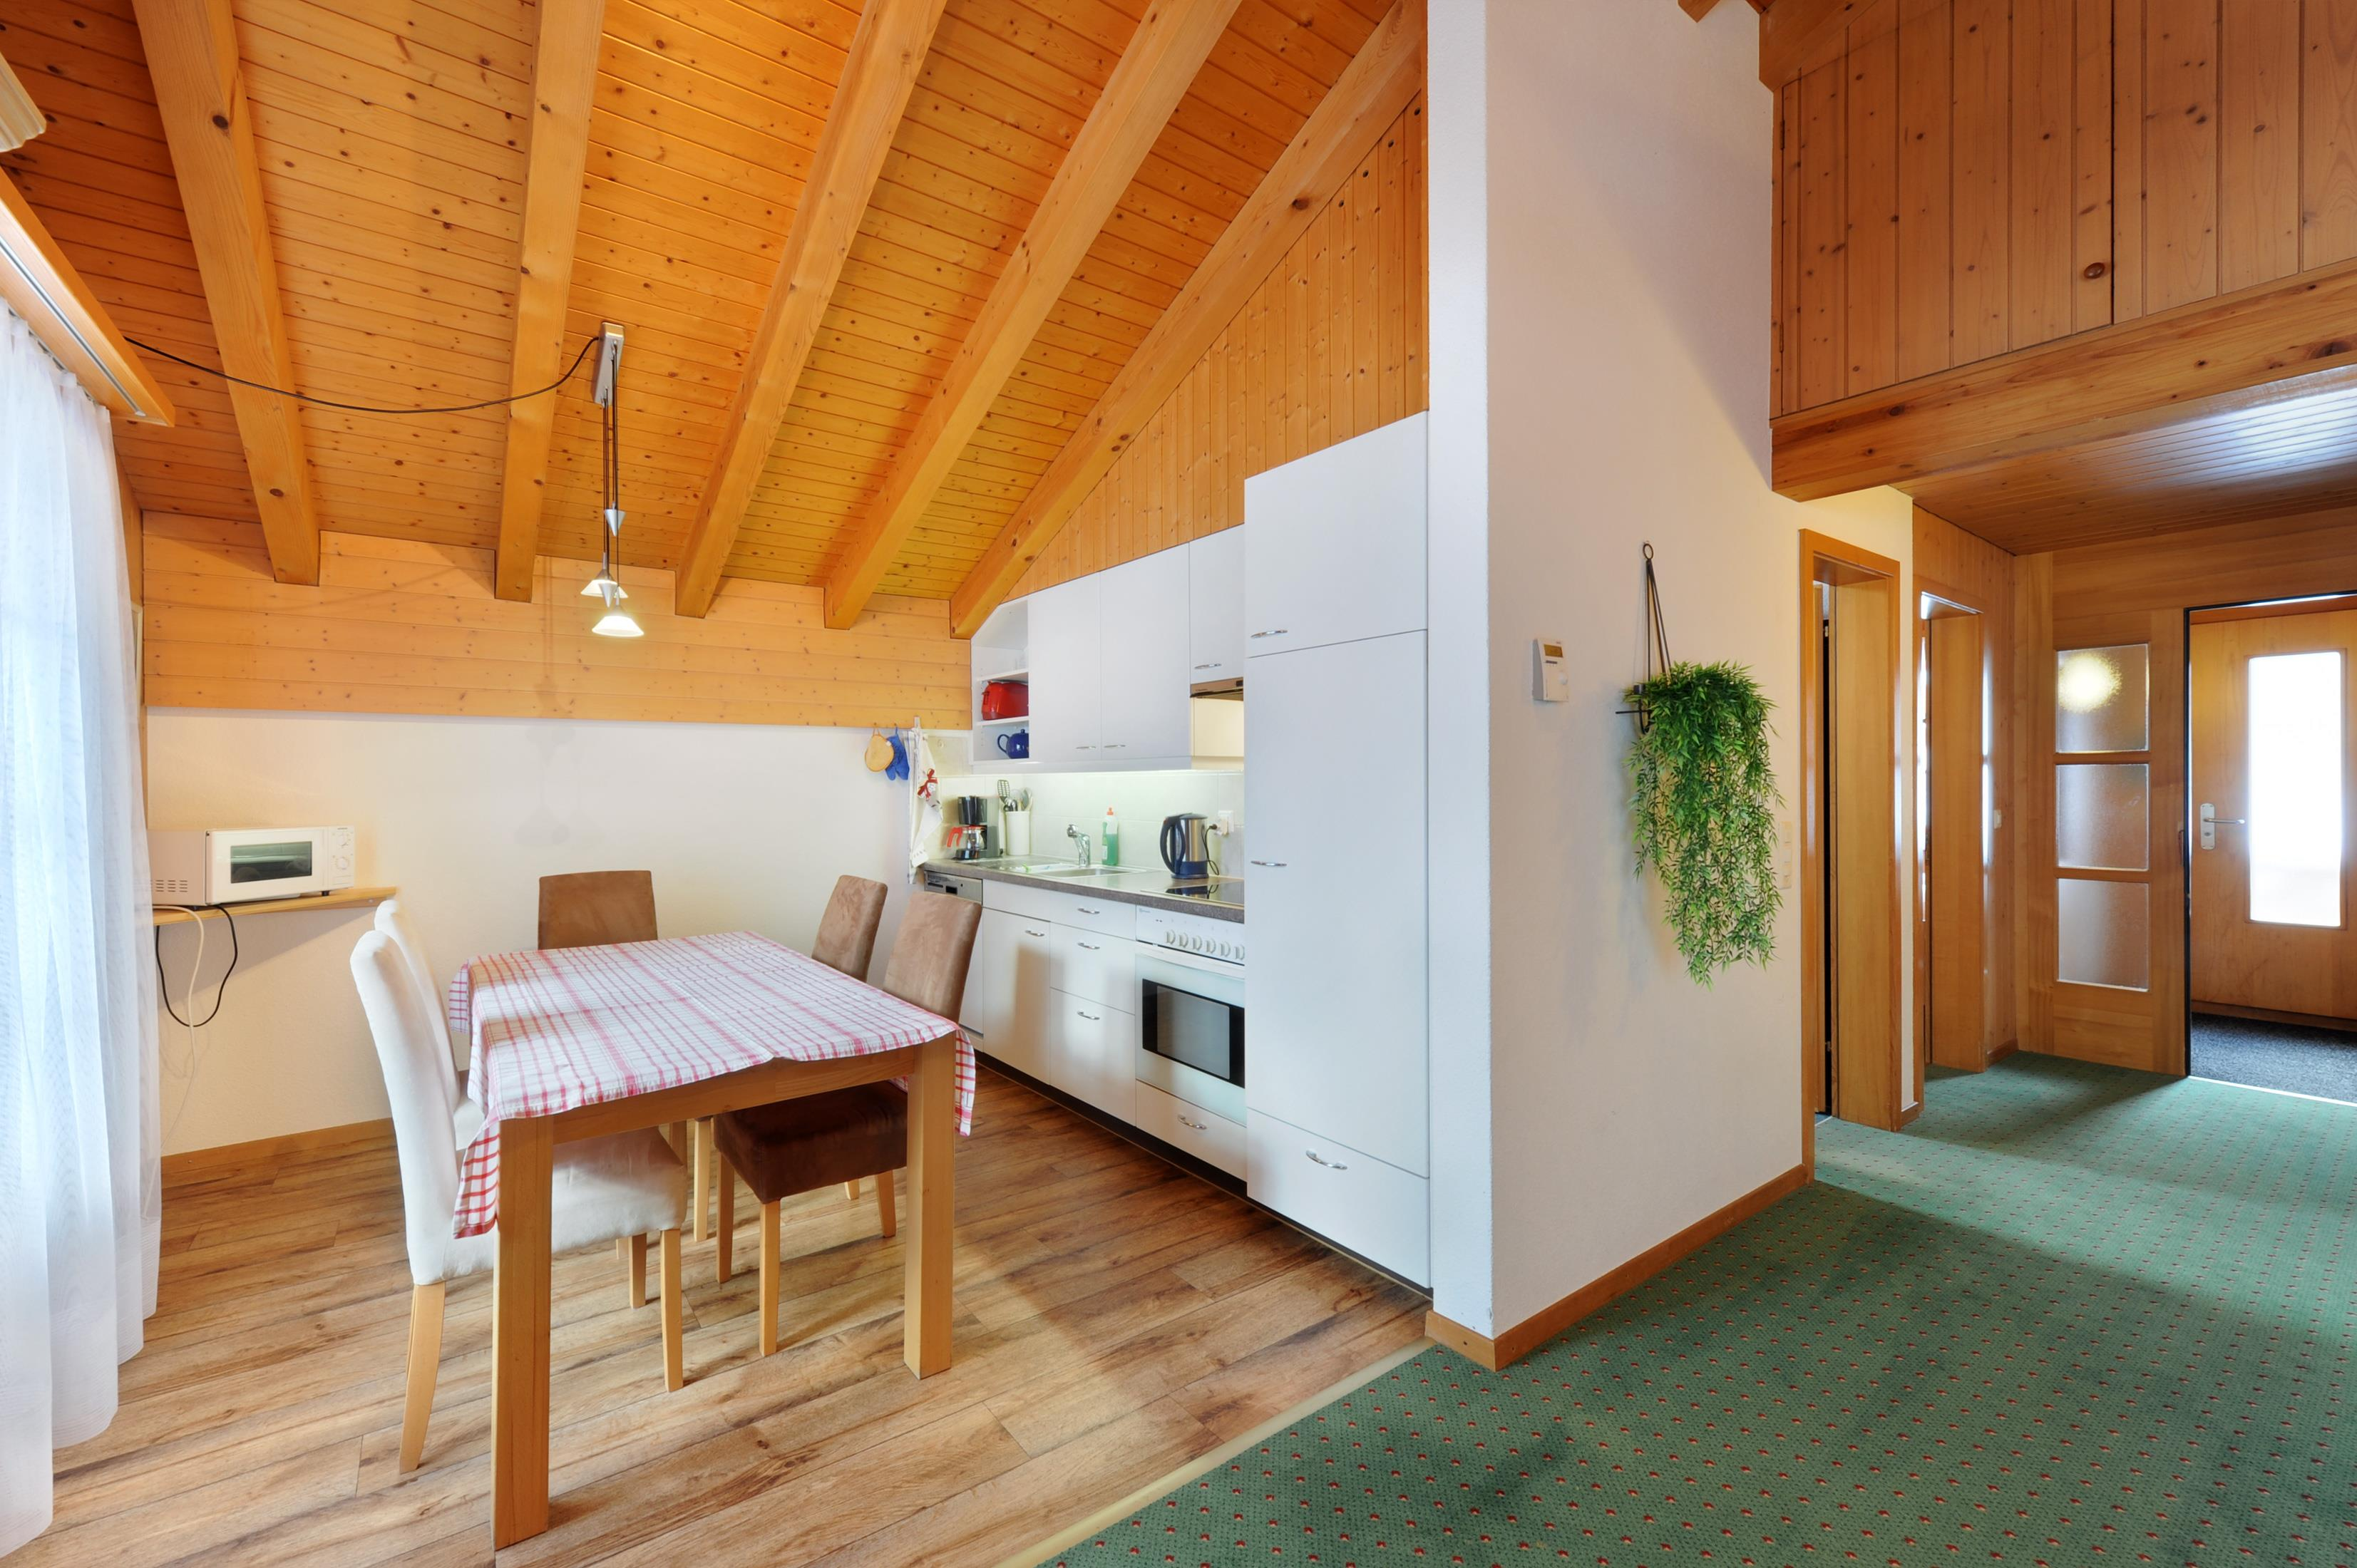 Appartement de vacances Furggenhorn App. 573 4 Bett Wohnung Obj. 4068 (2692219), Grindelwald, Région de la Jungfrau, Oberland bernois, Suisse, image 5